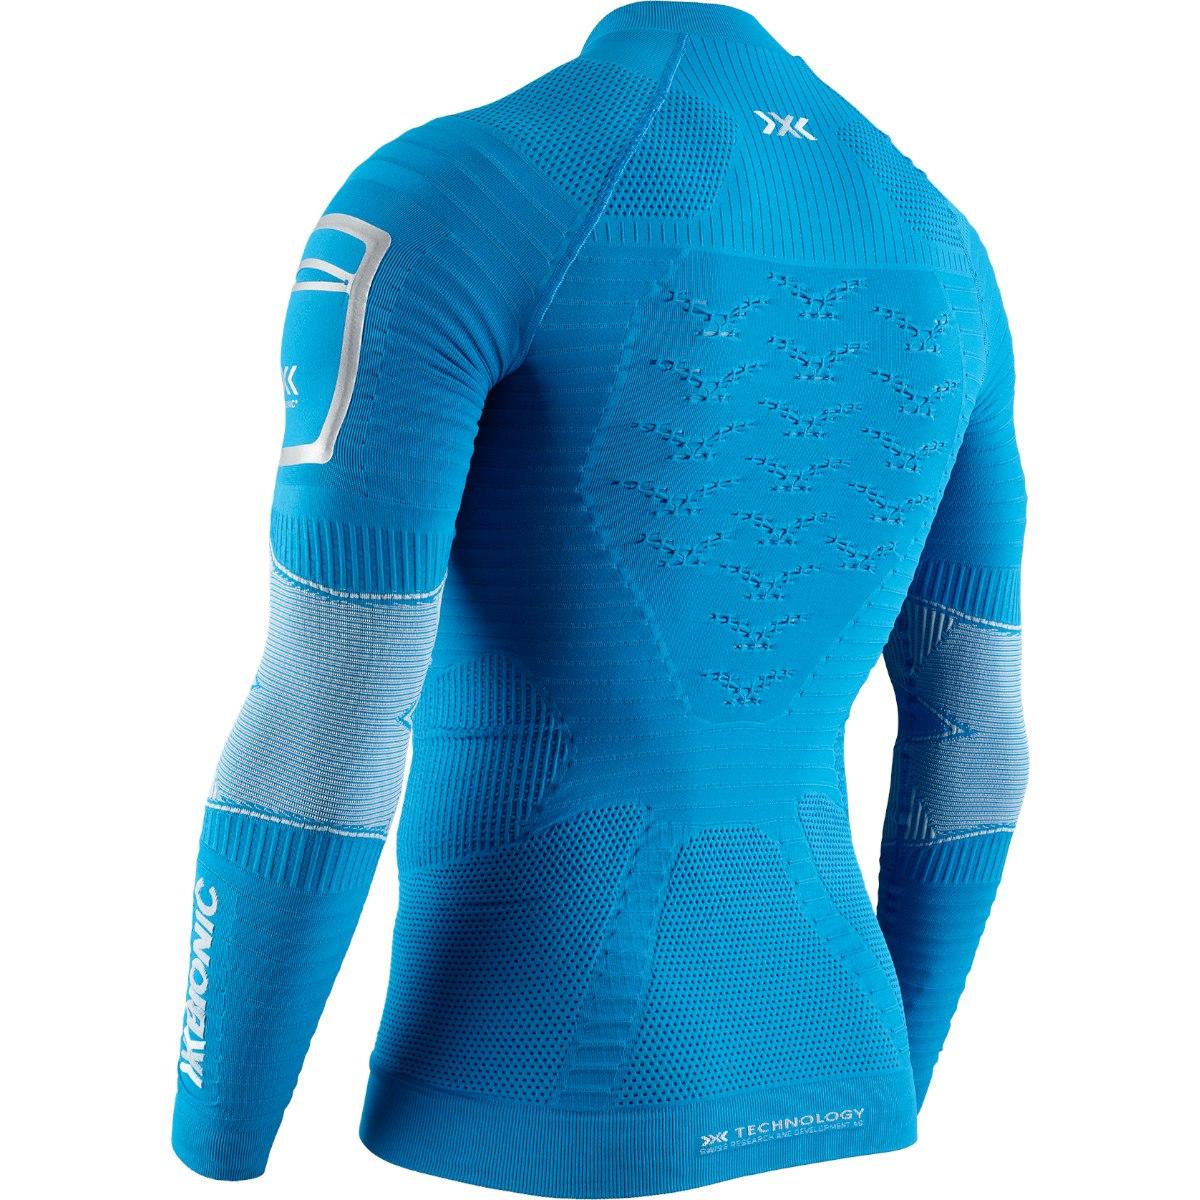 Bild von X-Bionic Effektor 4.0 Trail Run Powershirt 1/2 Zip Langarmshirt für Herren - teal blue/dolomite grey